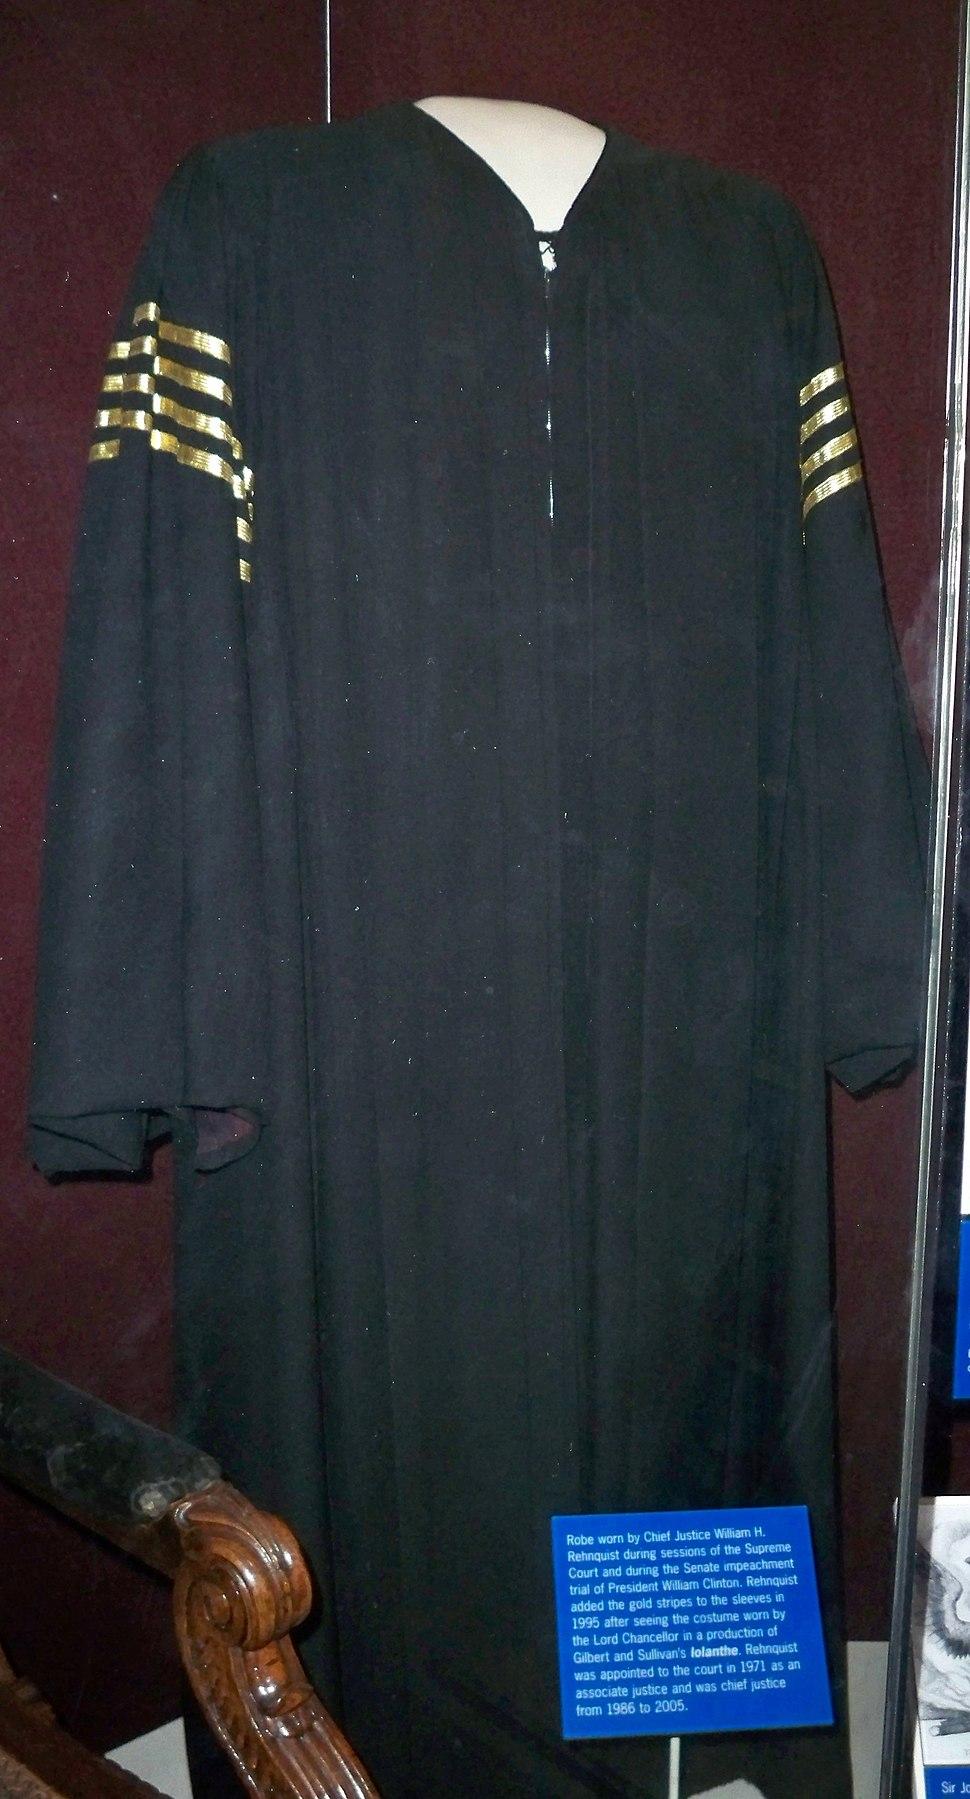 William Rehnquist's robe by Matthew Bisanz